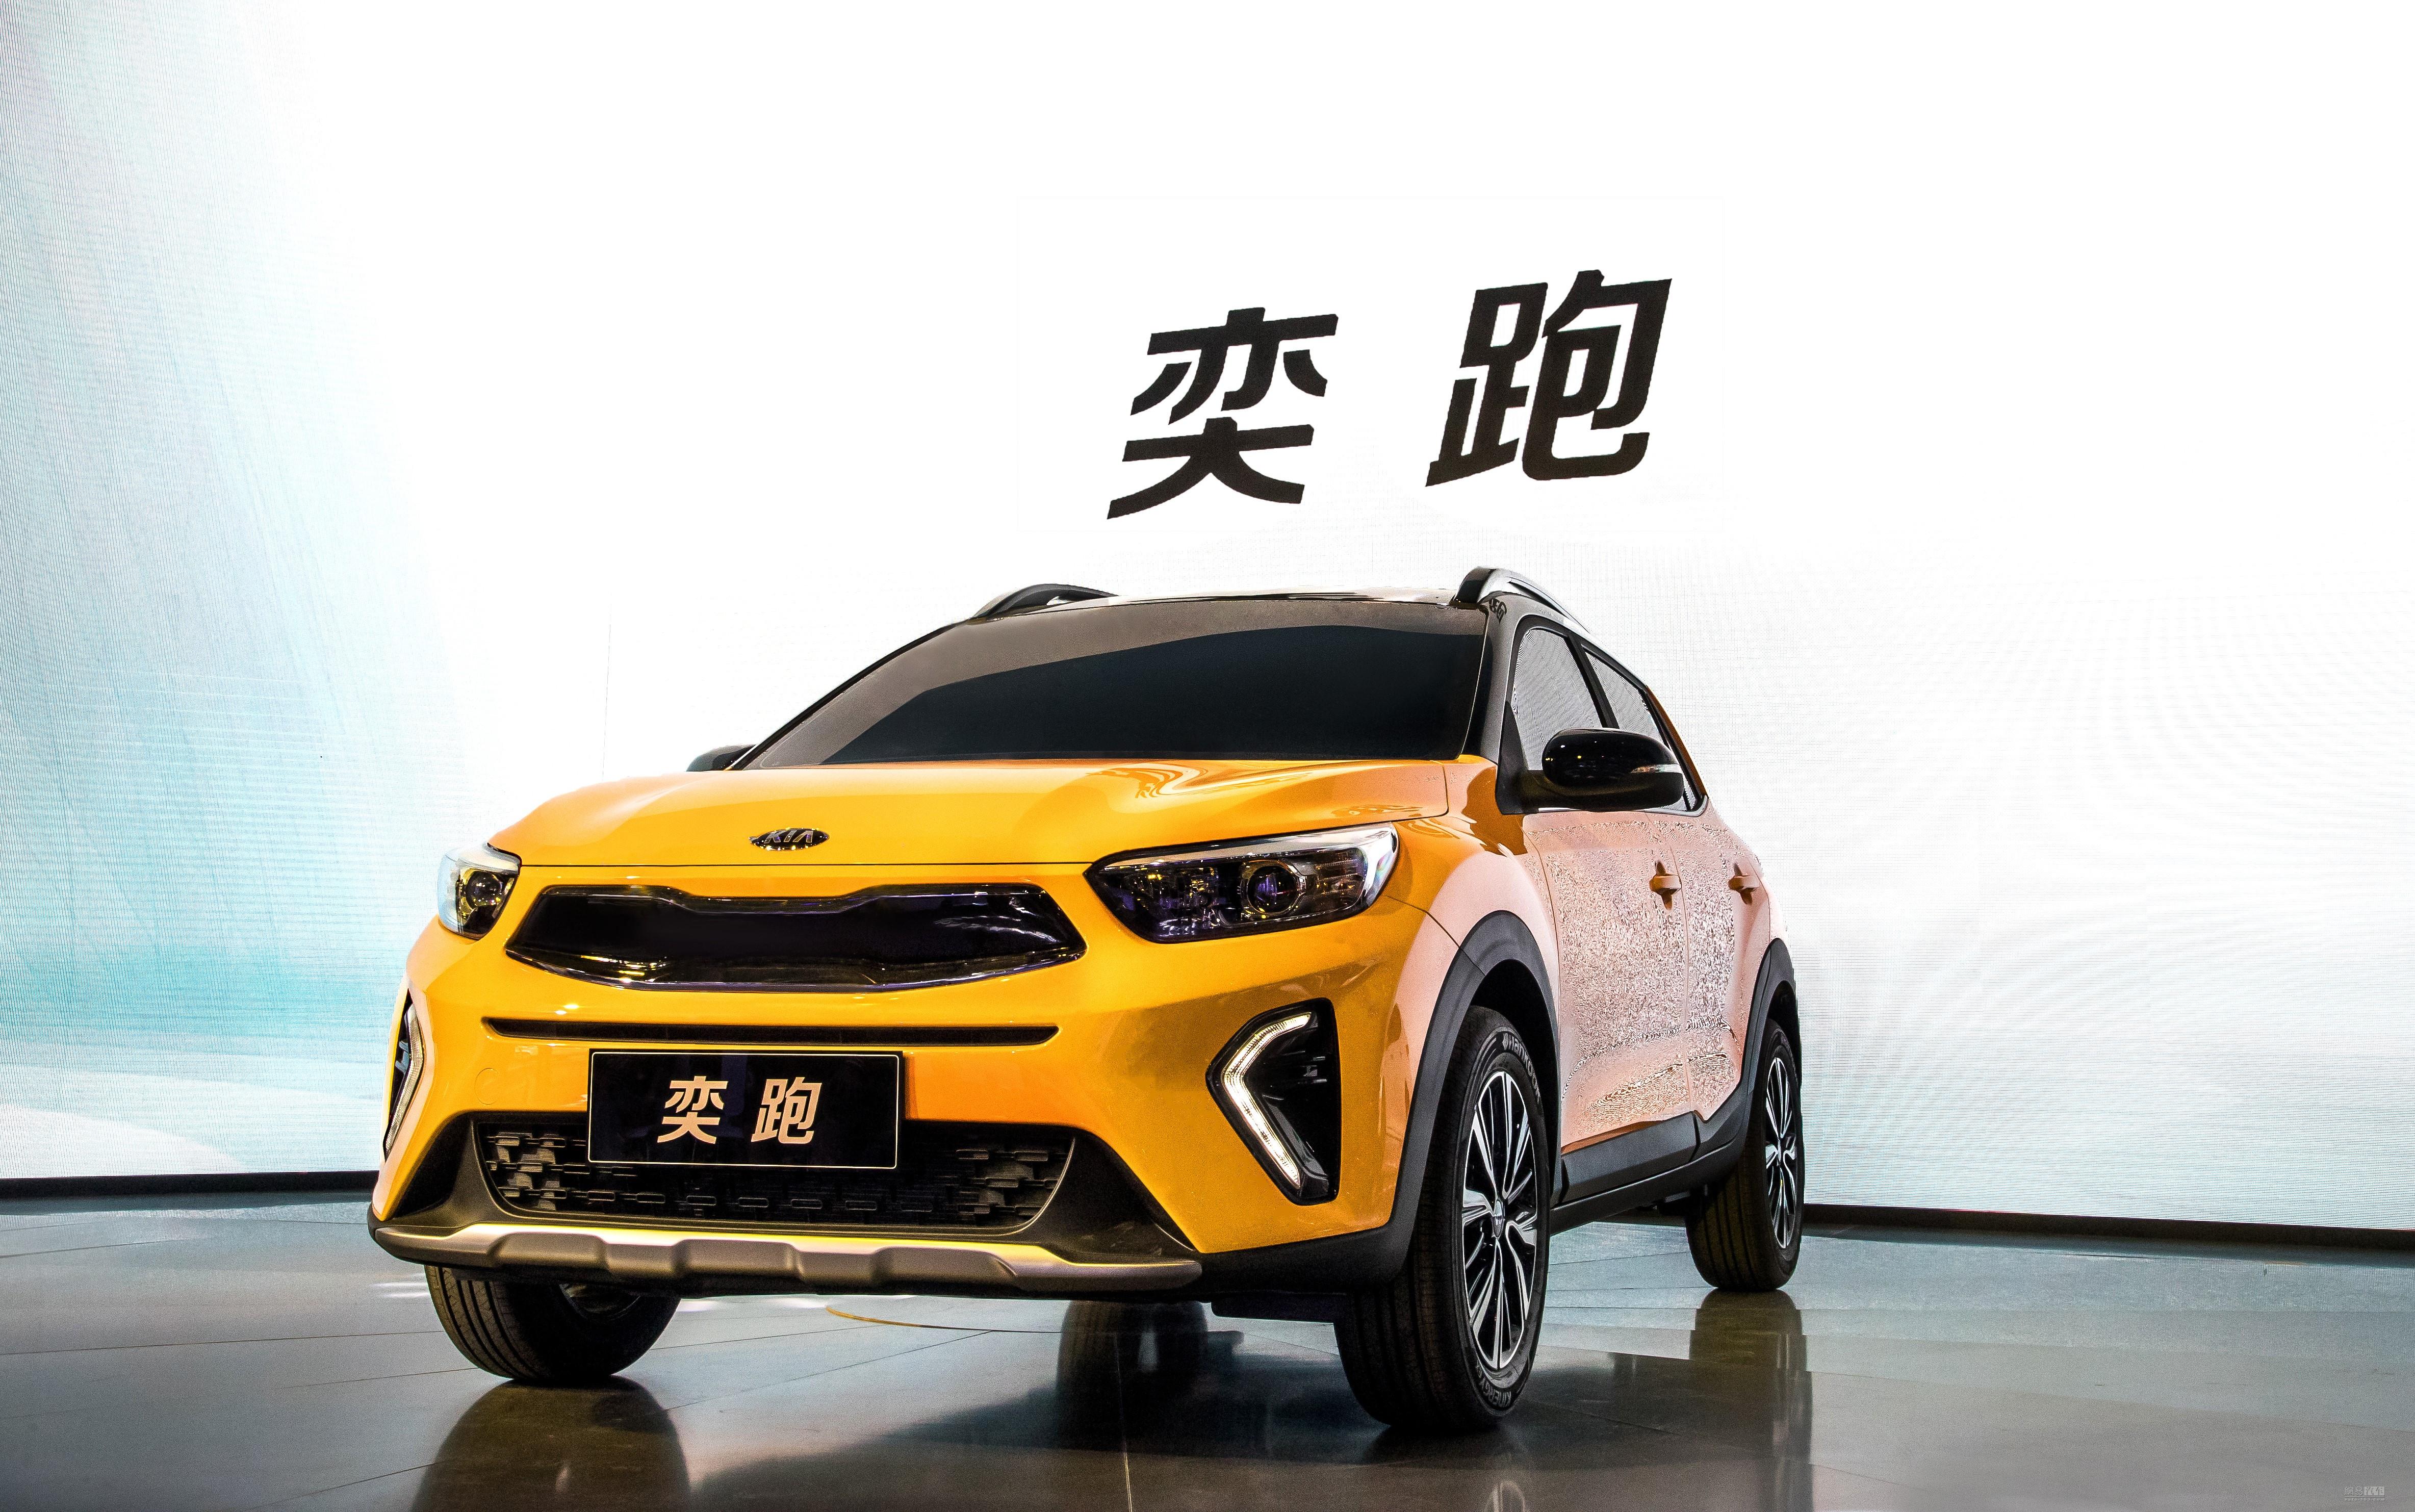 预计售价6-9万间 起亚奕跑SUV将22日上市